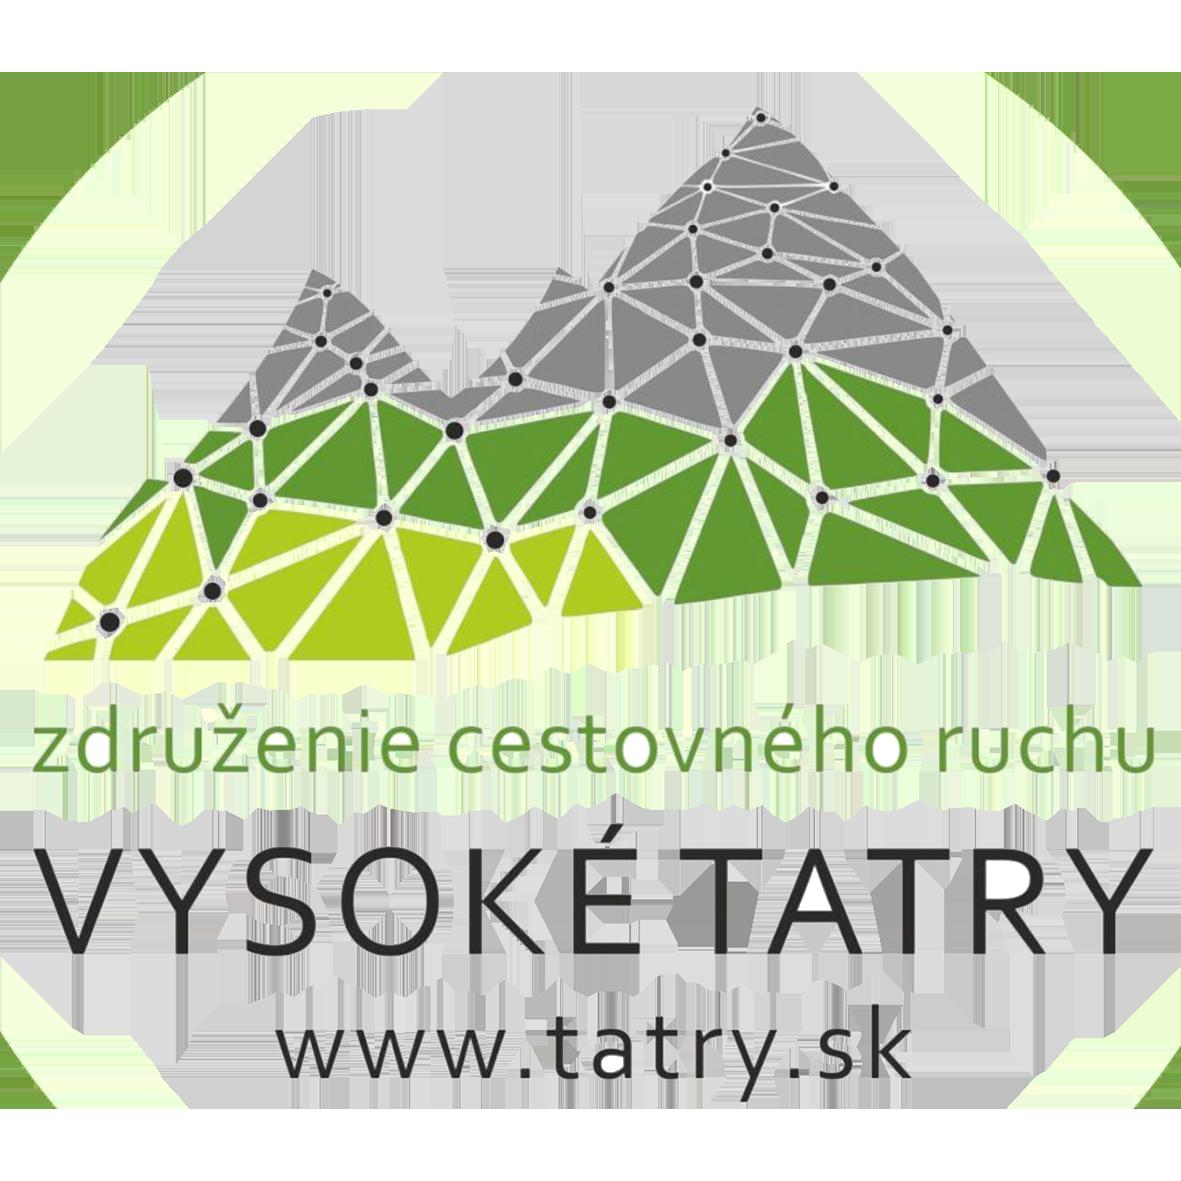 ZCR Vysoké Tatry